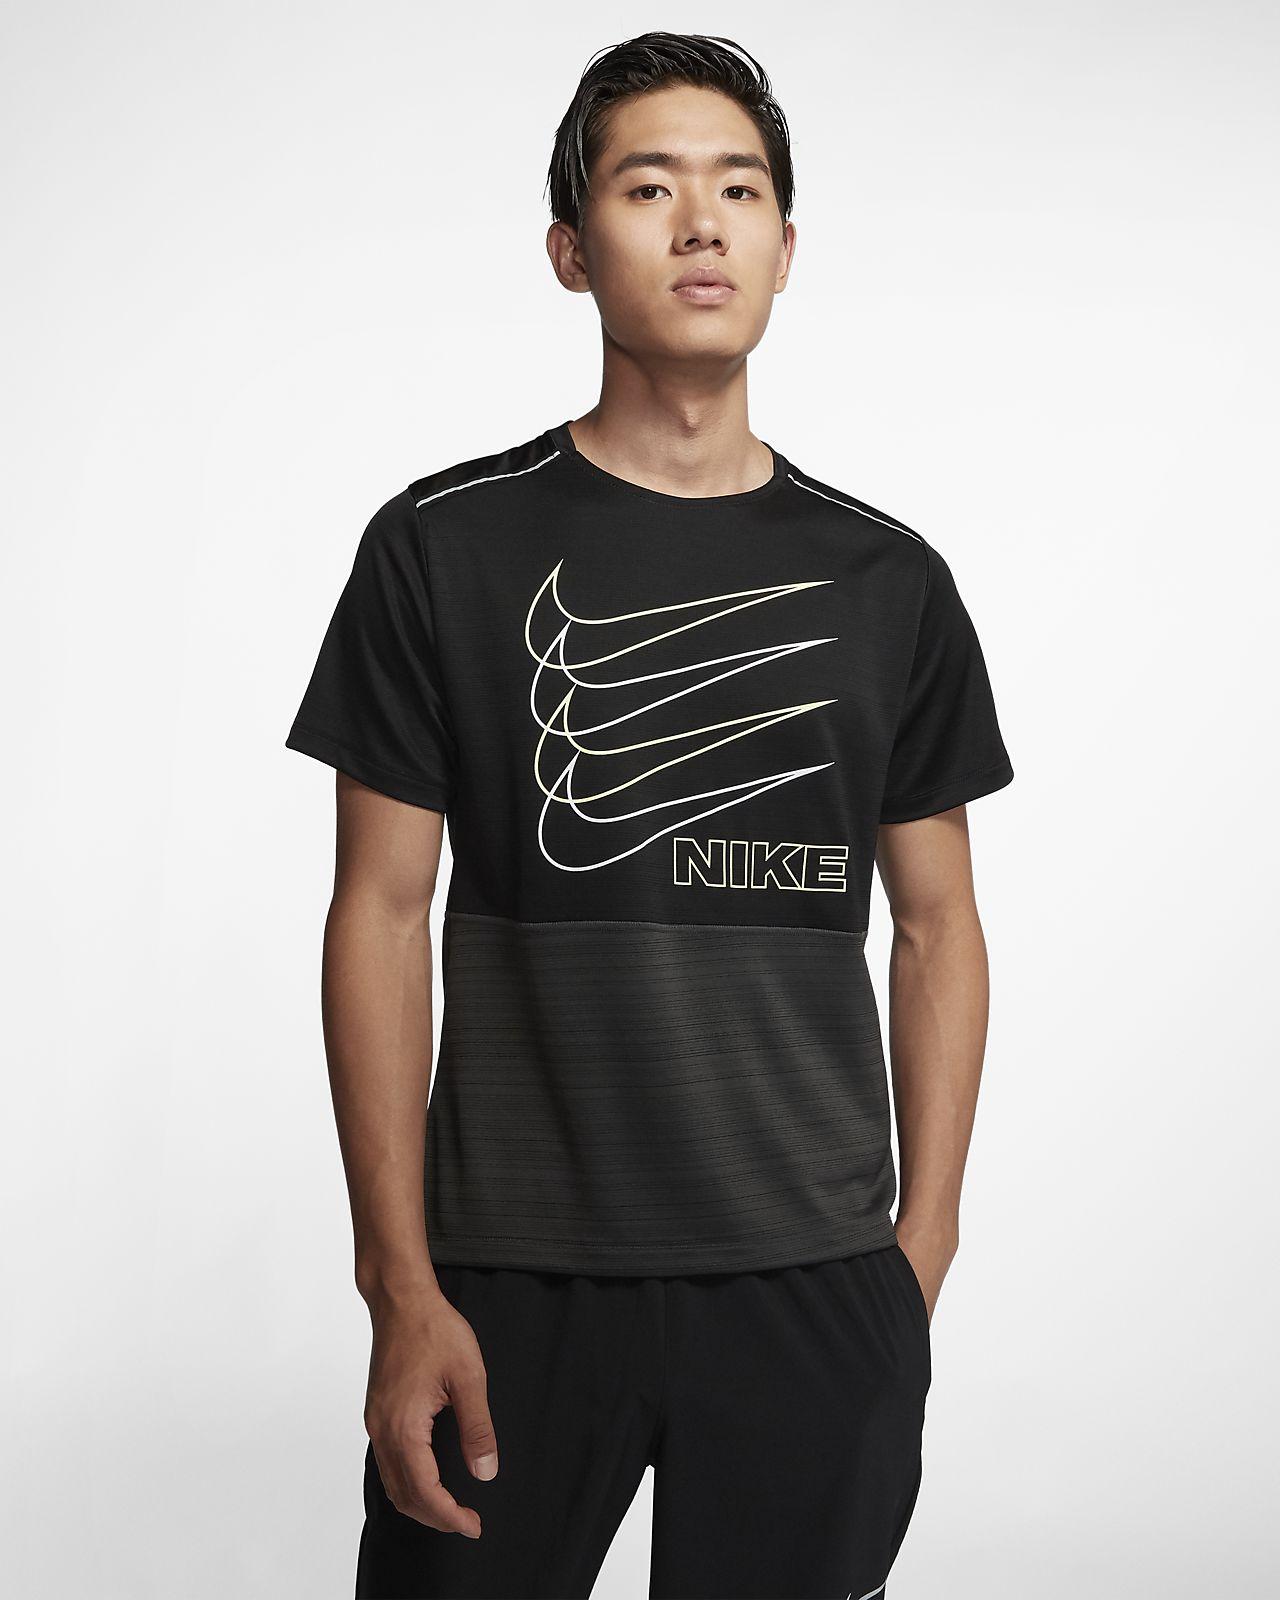 Nike Dri-FIT Miler 男款短袖跑步上衣